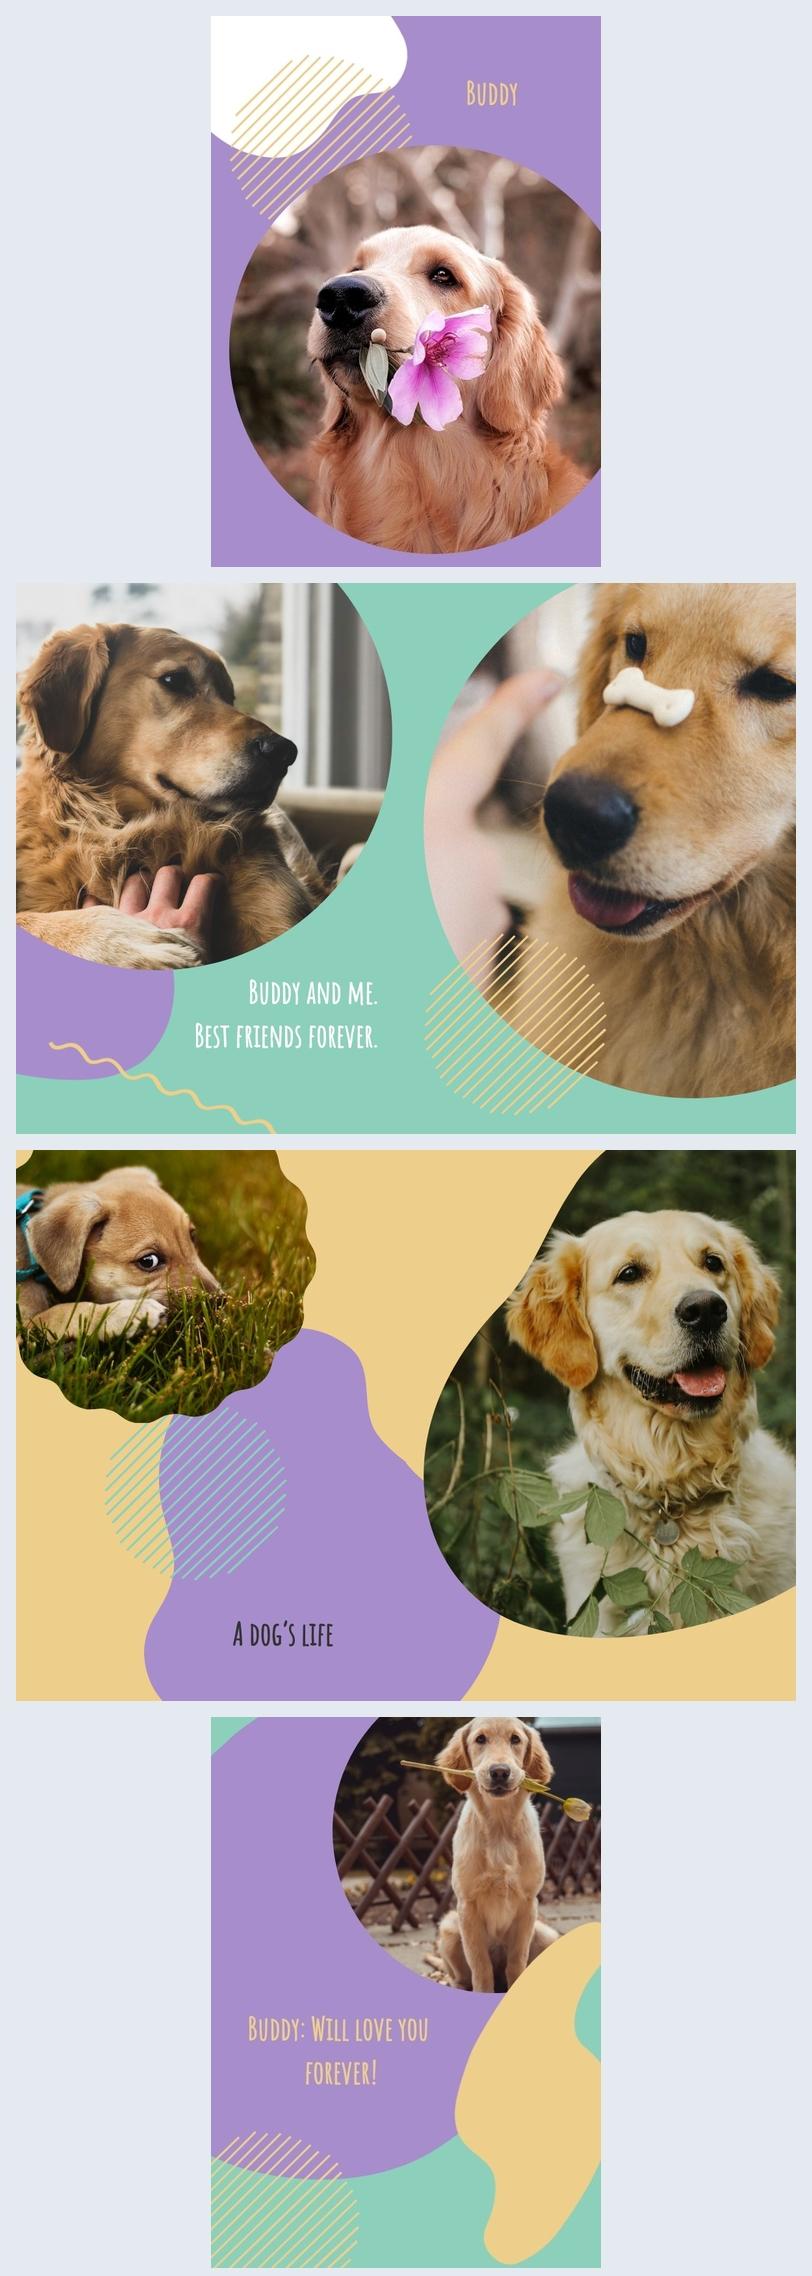 Hunde Erinnerungsfotoalbum Vorlage